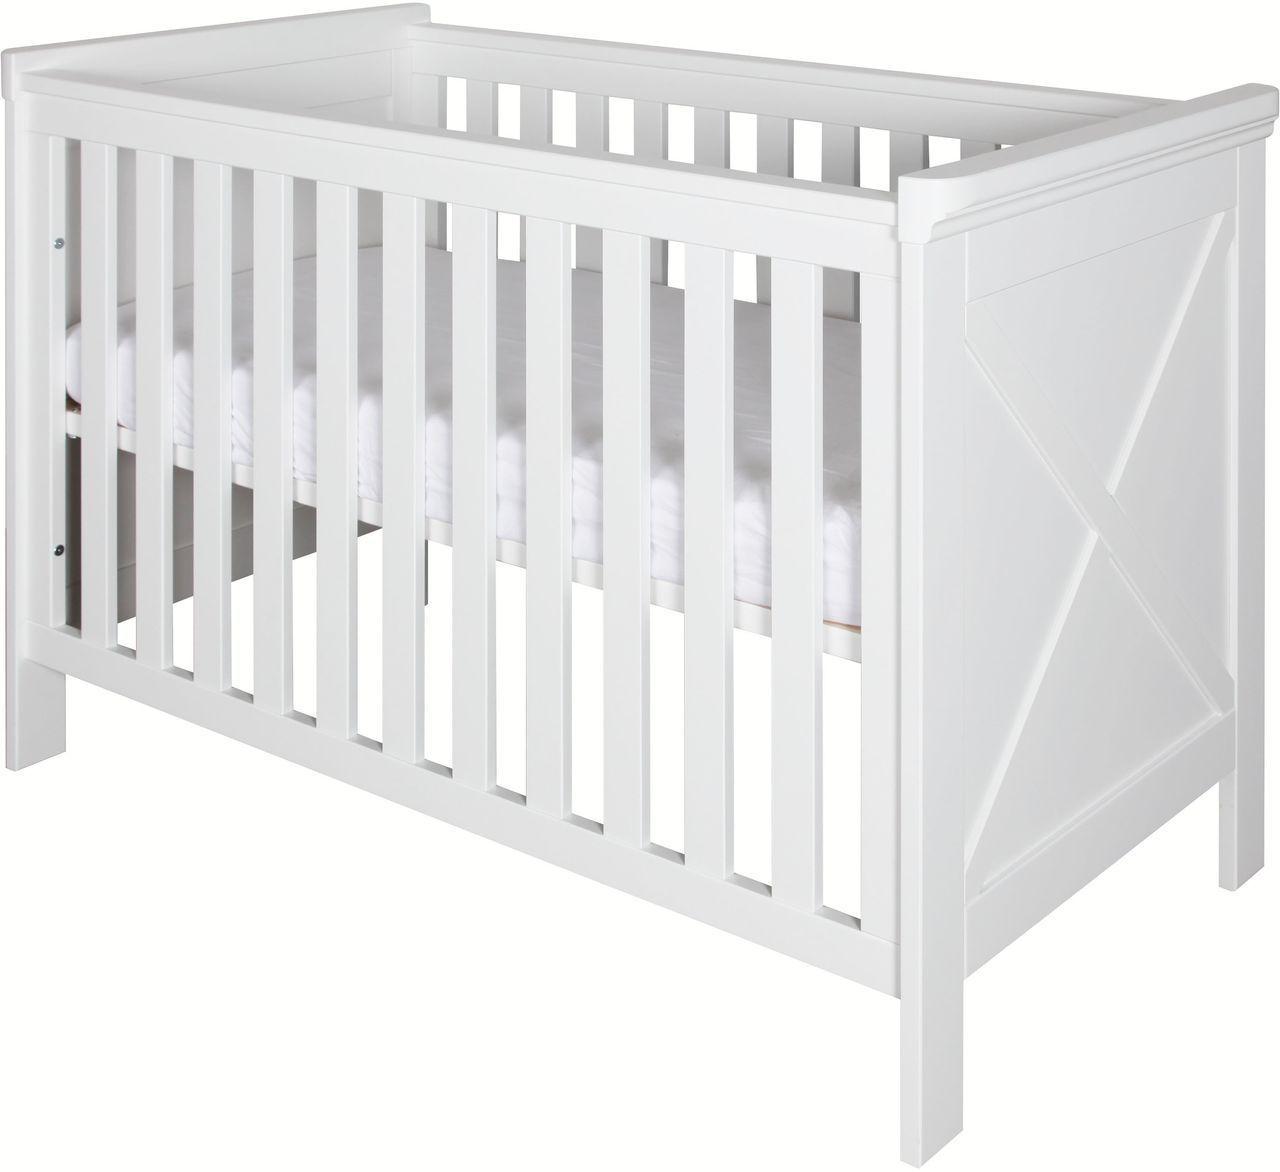 kidsmill babybett savona mit kreuz 60x120 cm wei babybetten kinderzimmerm bel kinderzimmer. Black Bedroom Furniture Sets. Home Design Ideas